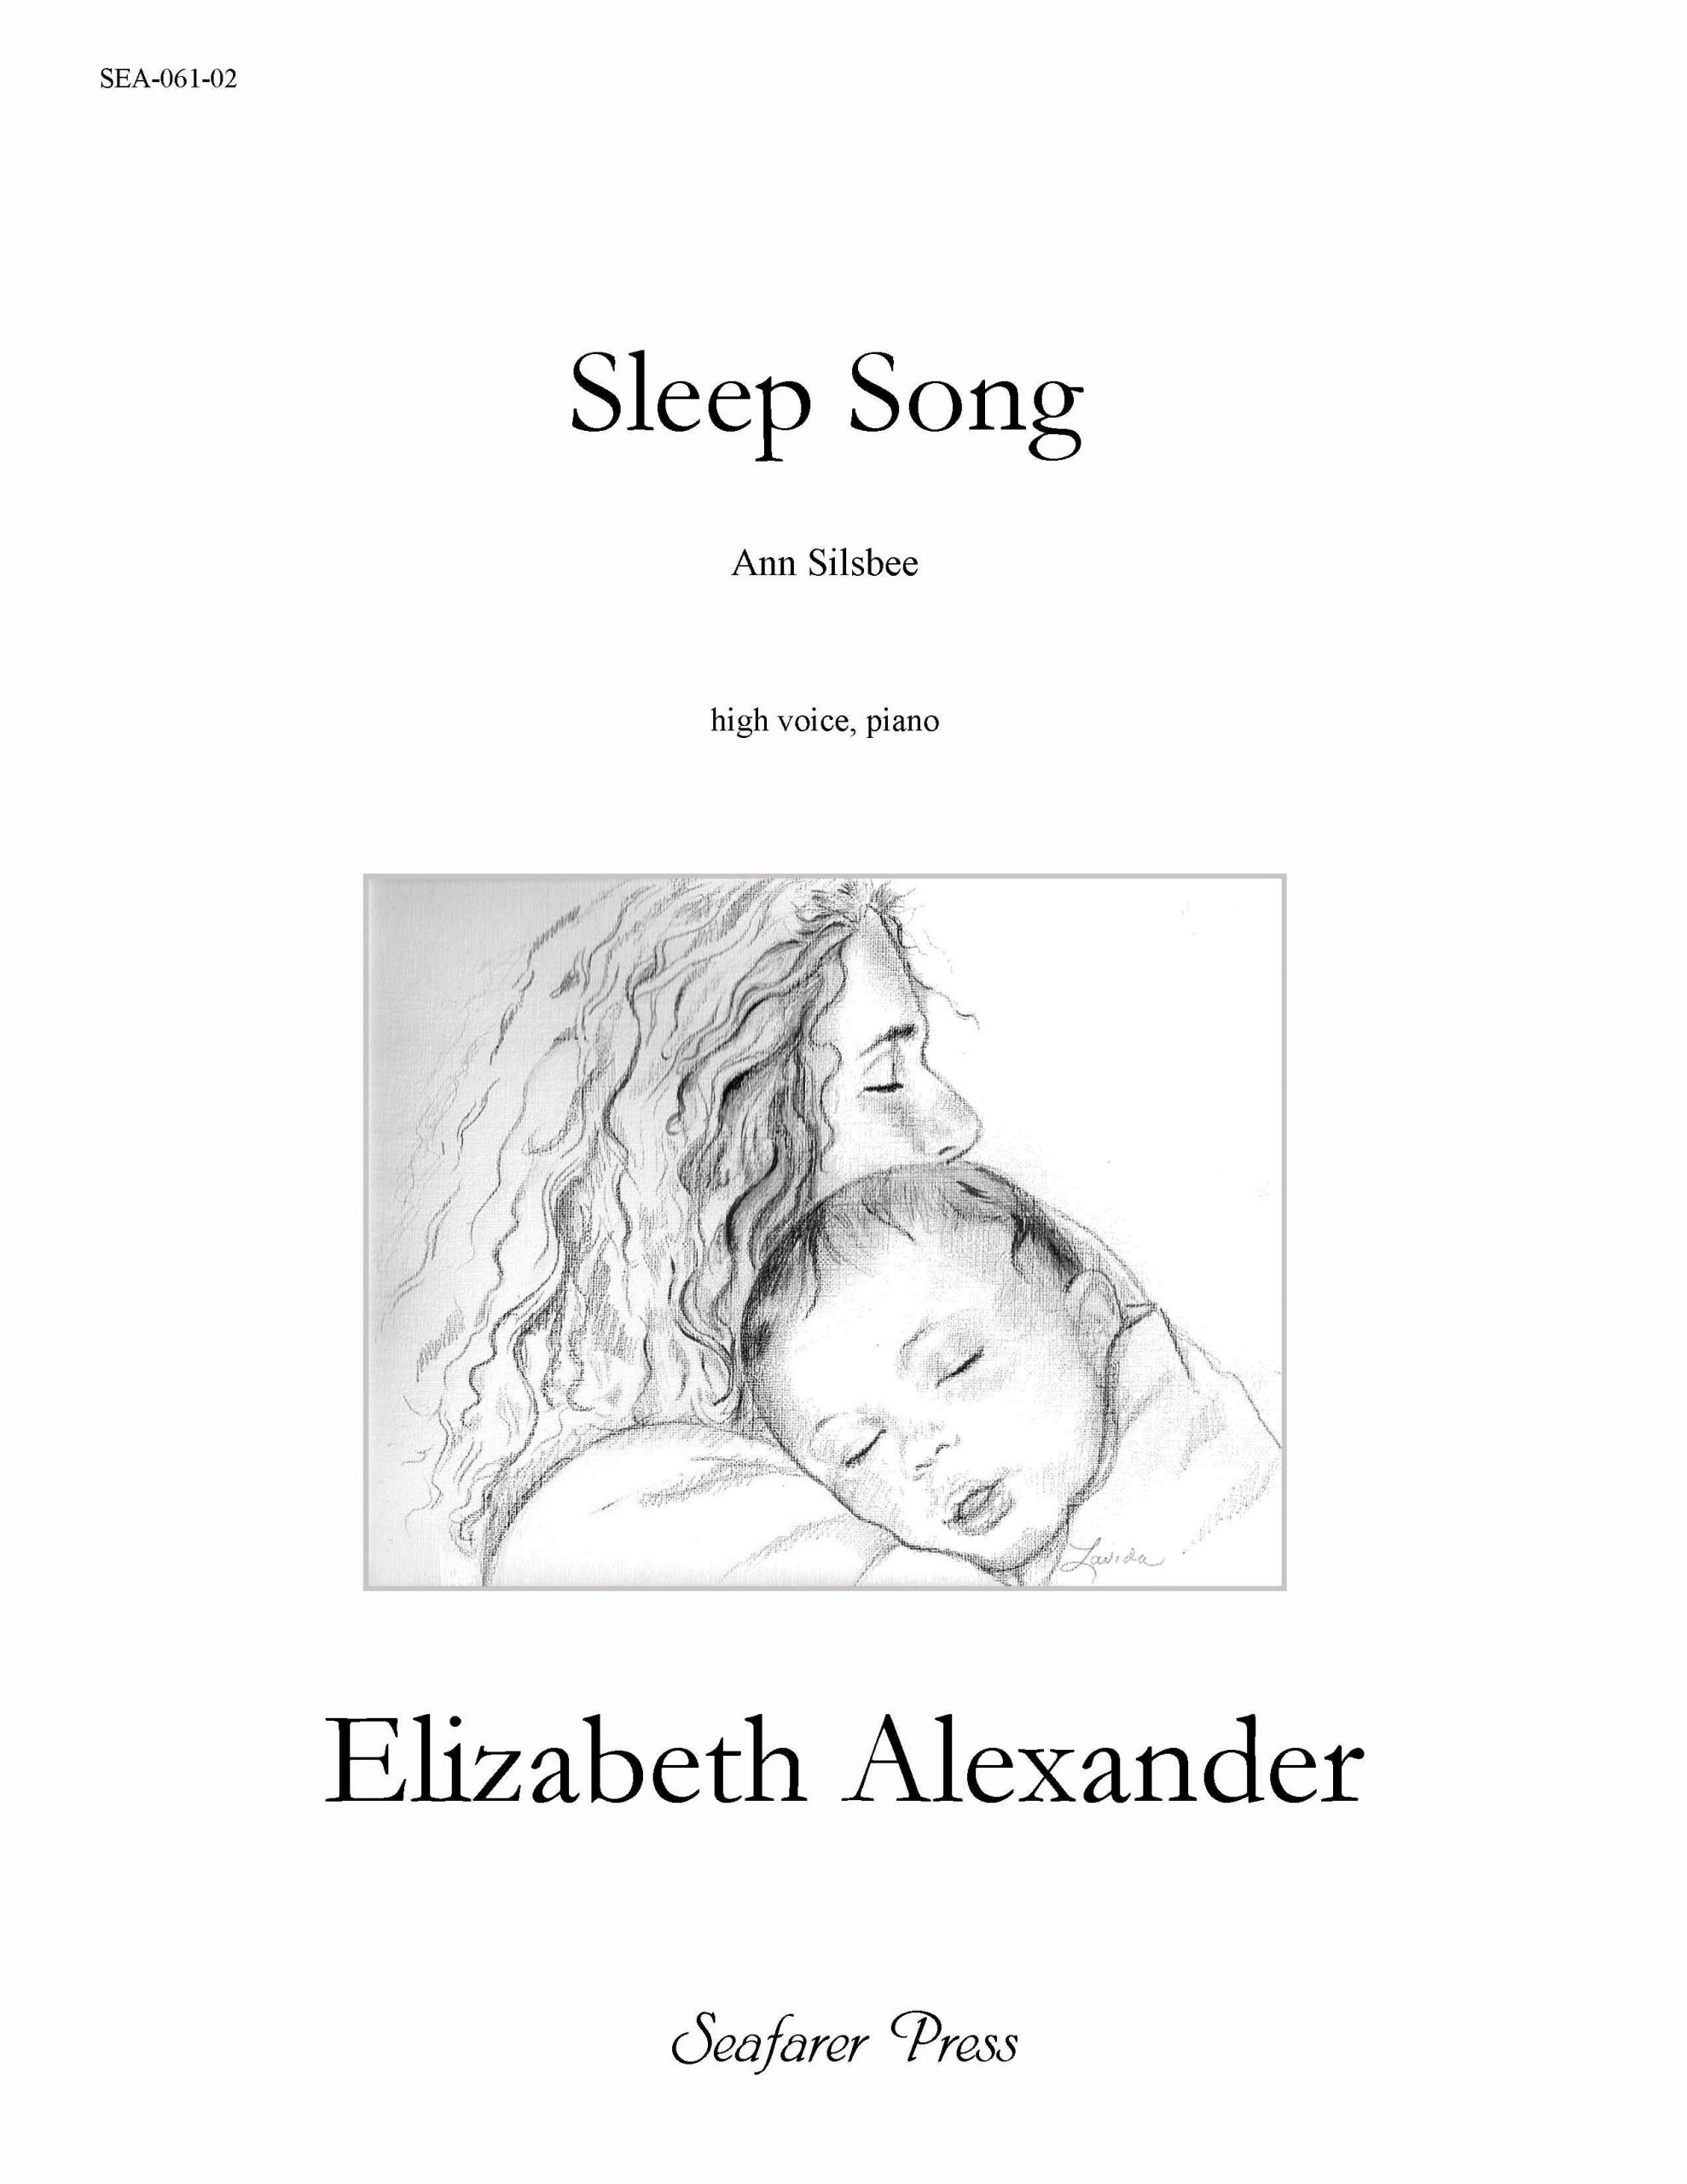 SEA-061-02 - Sleep Song